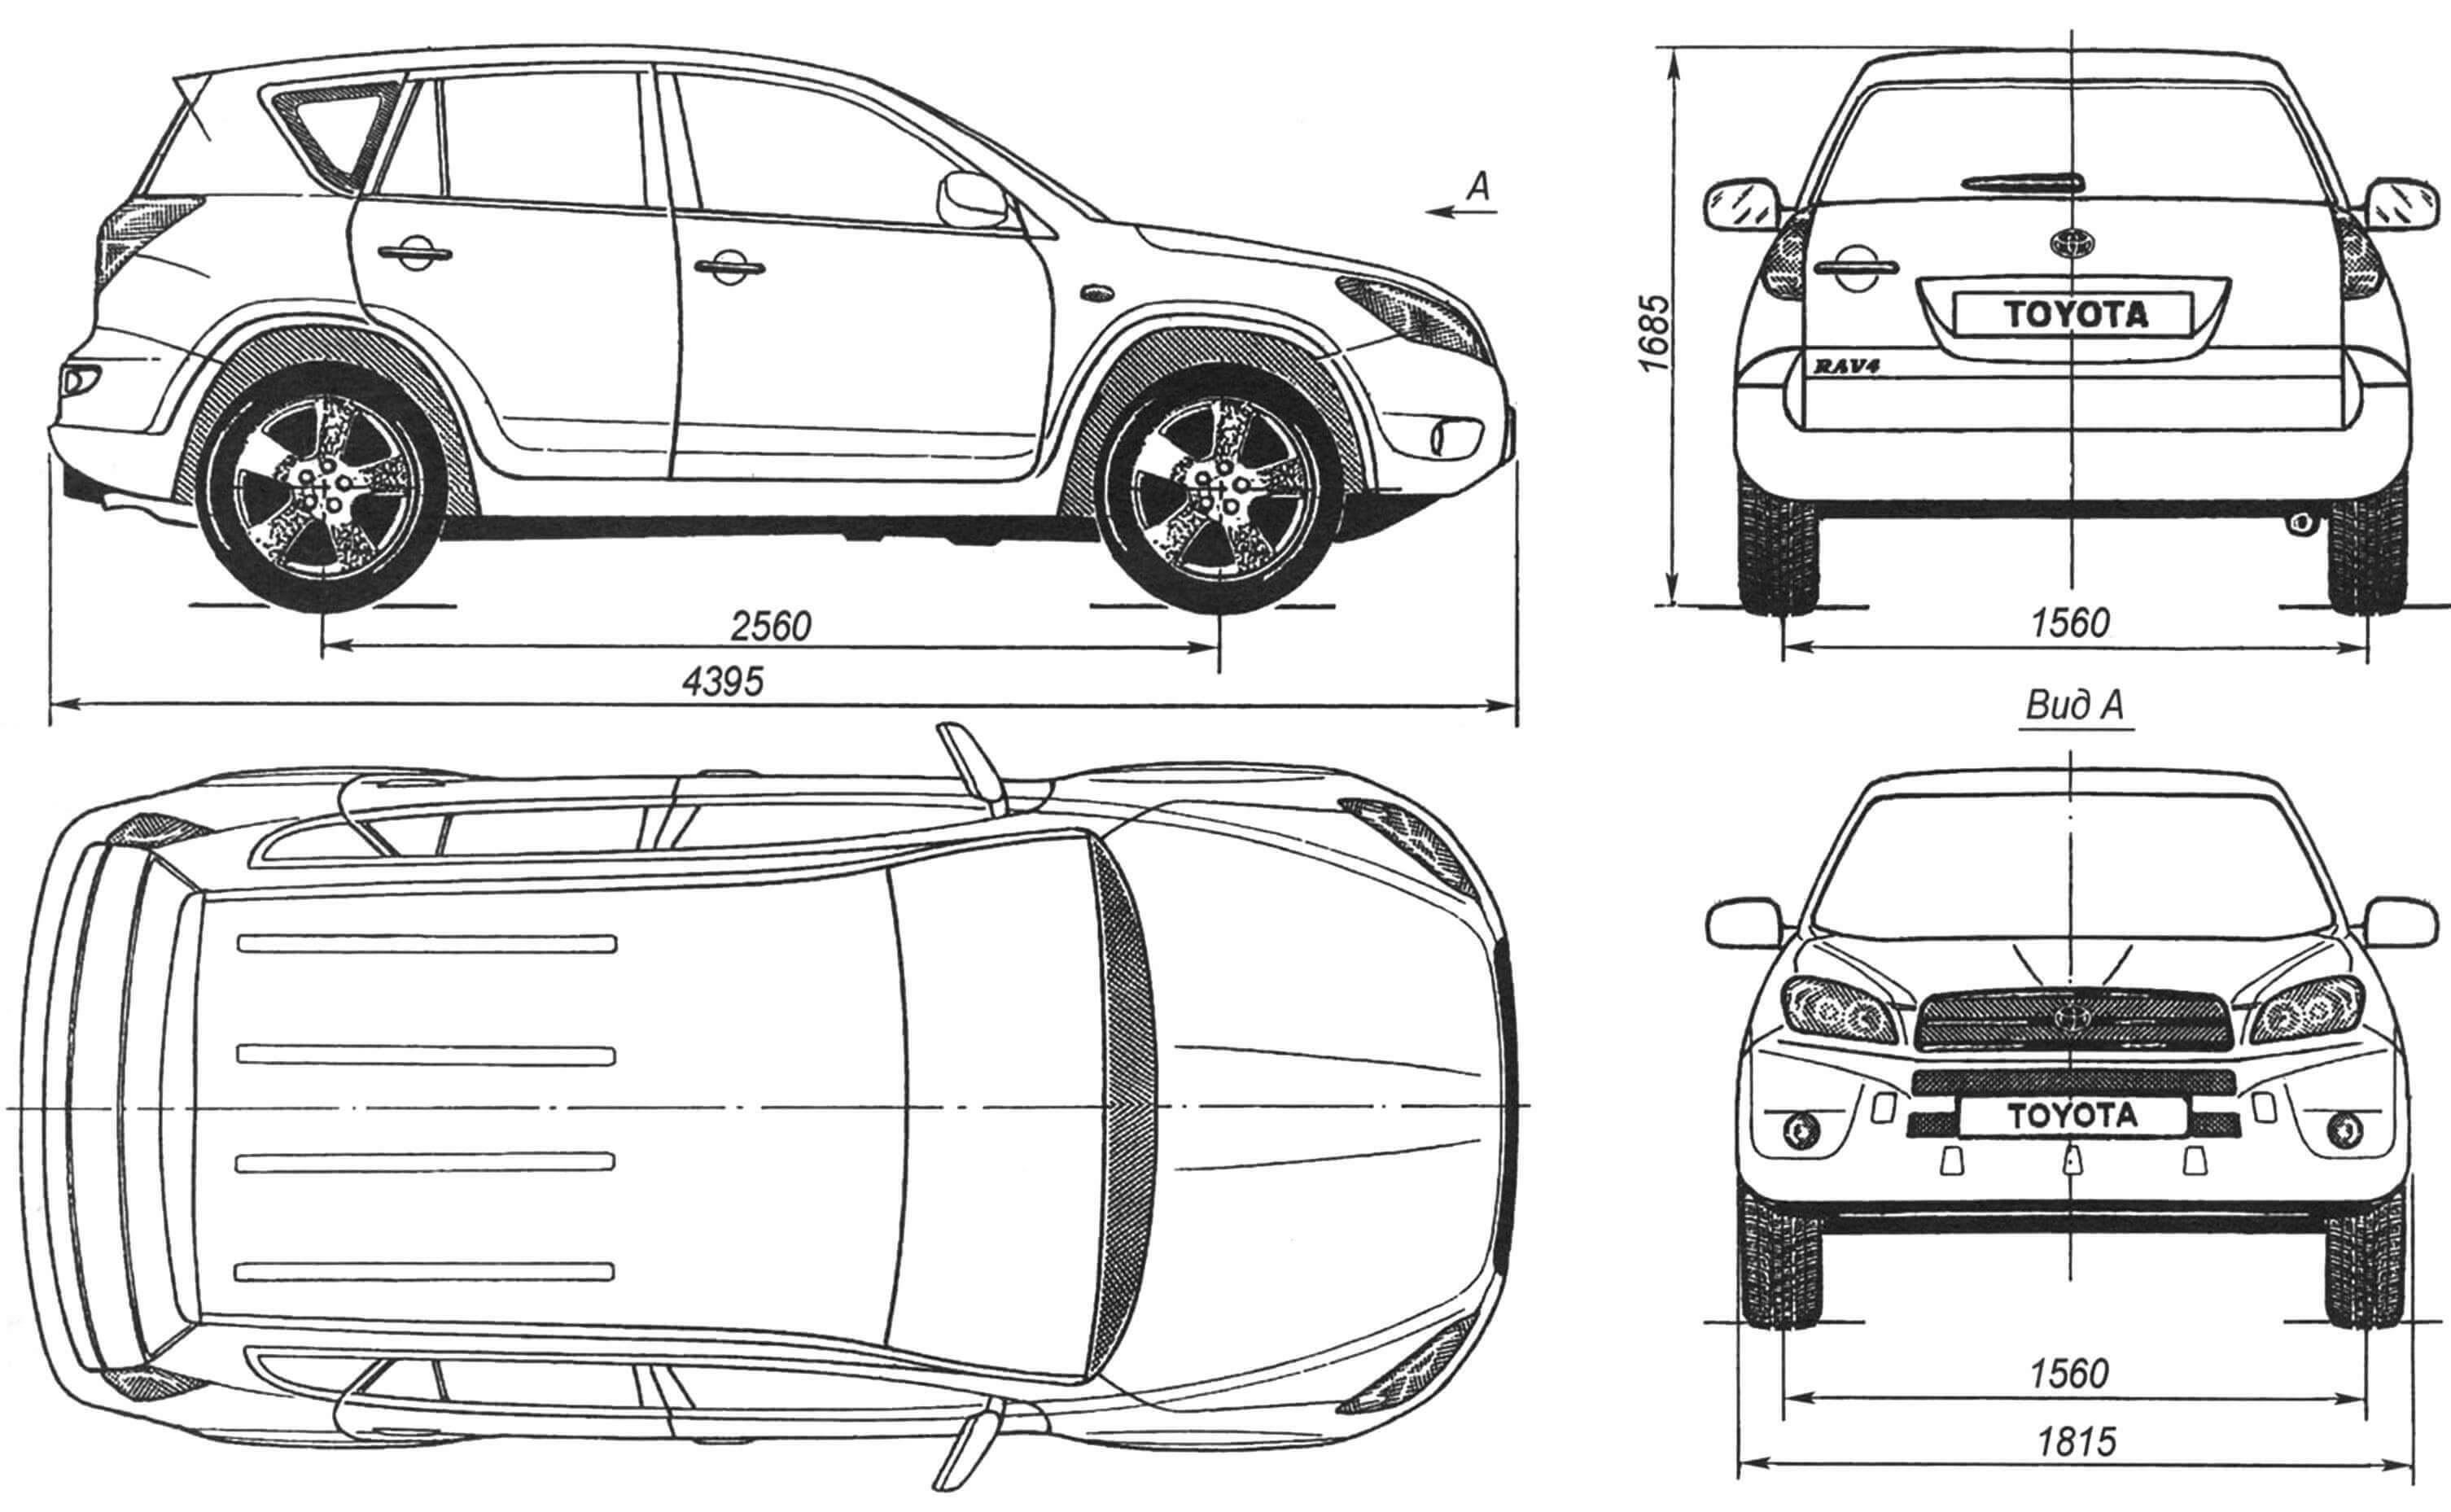 Геометрическая схема кроссовера Toyota RAV4 выпуска 2005 года